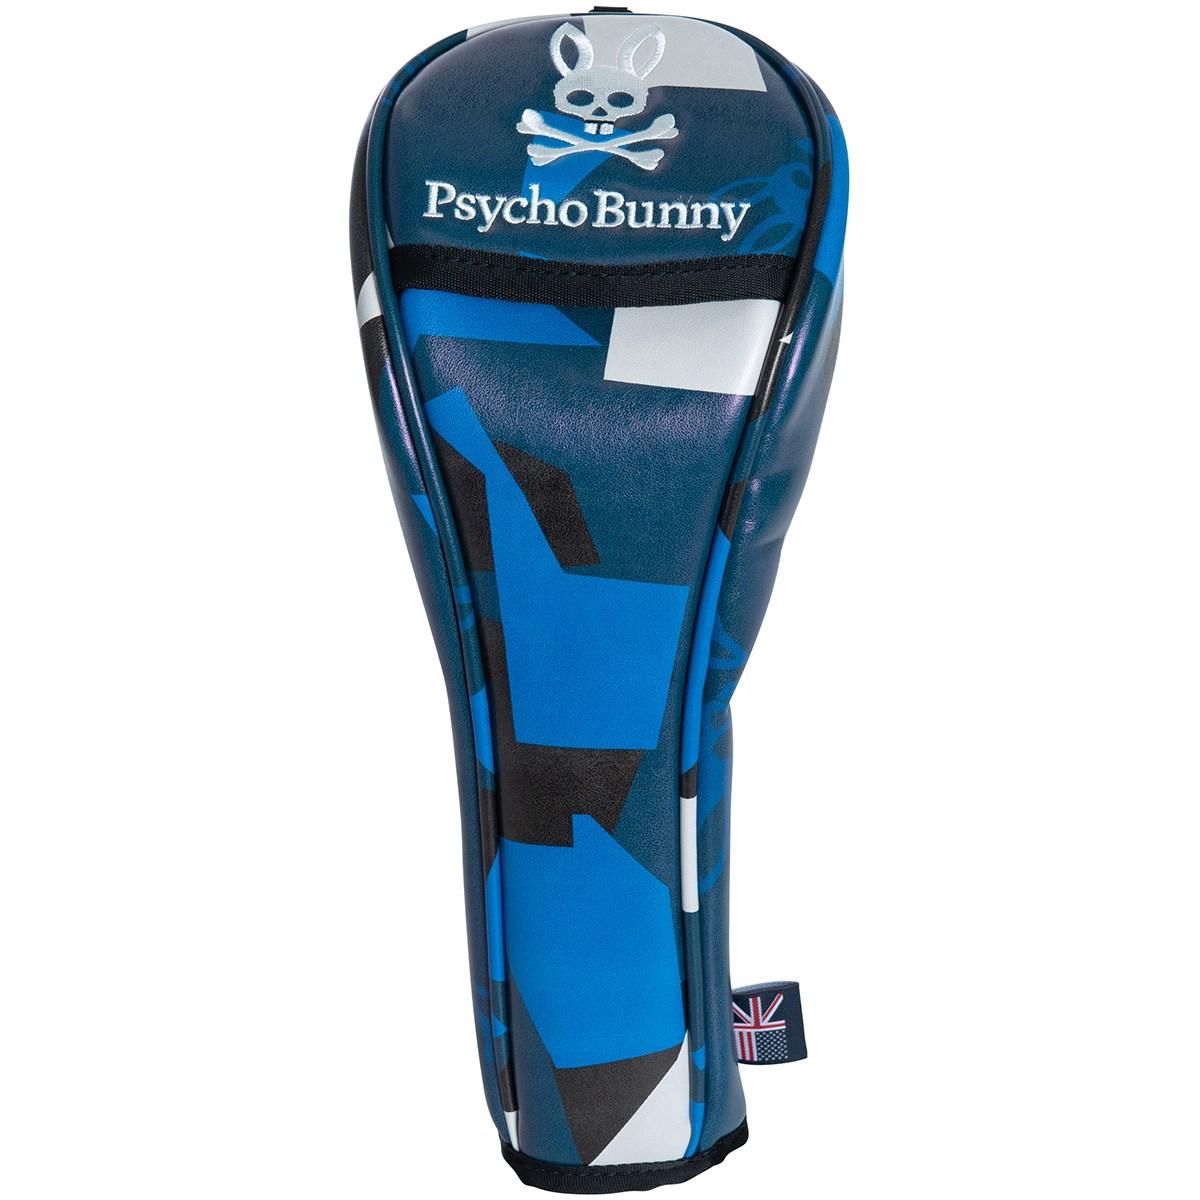 サイコバニー PSYCHO BUNNY NEW CAMO ヘッドカバー FW用 有り/ダイヤル式(3、5、7、X) ブルー 34